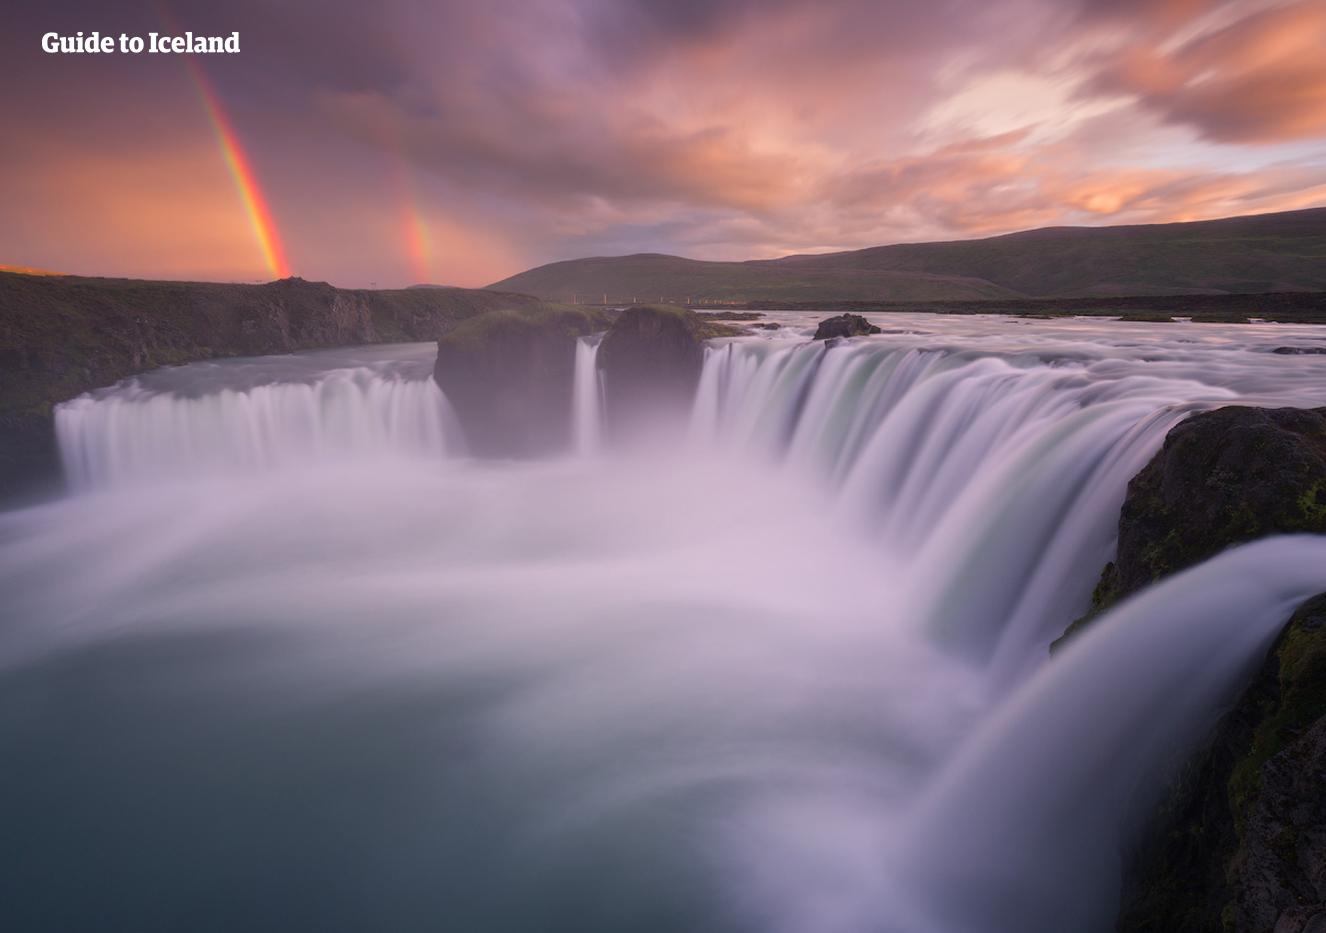 冰岛北部米湖地区的Grjótagjá地洞温泉曾经是隐藏于石间的美景